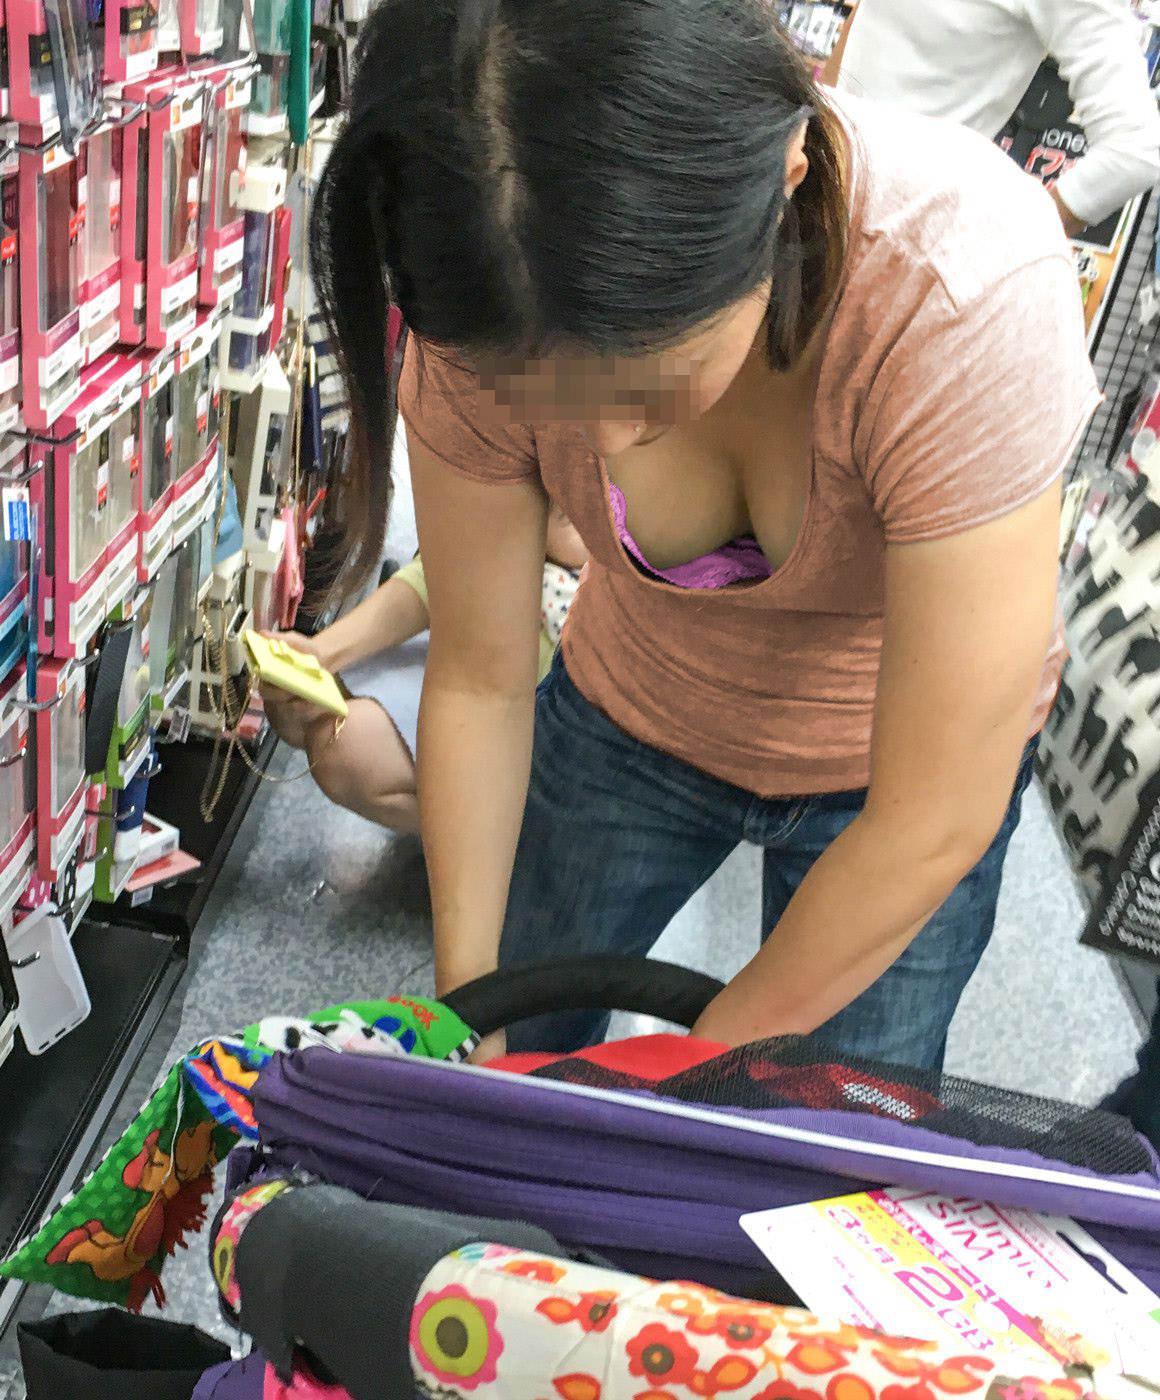 買い物してる人妻の胸チラを盗撮!